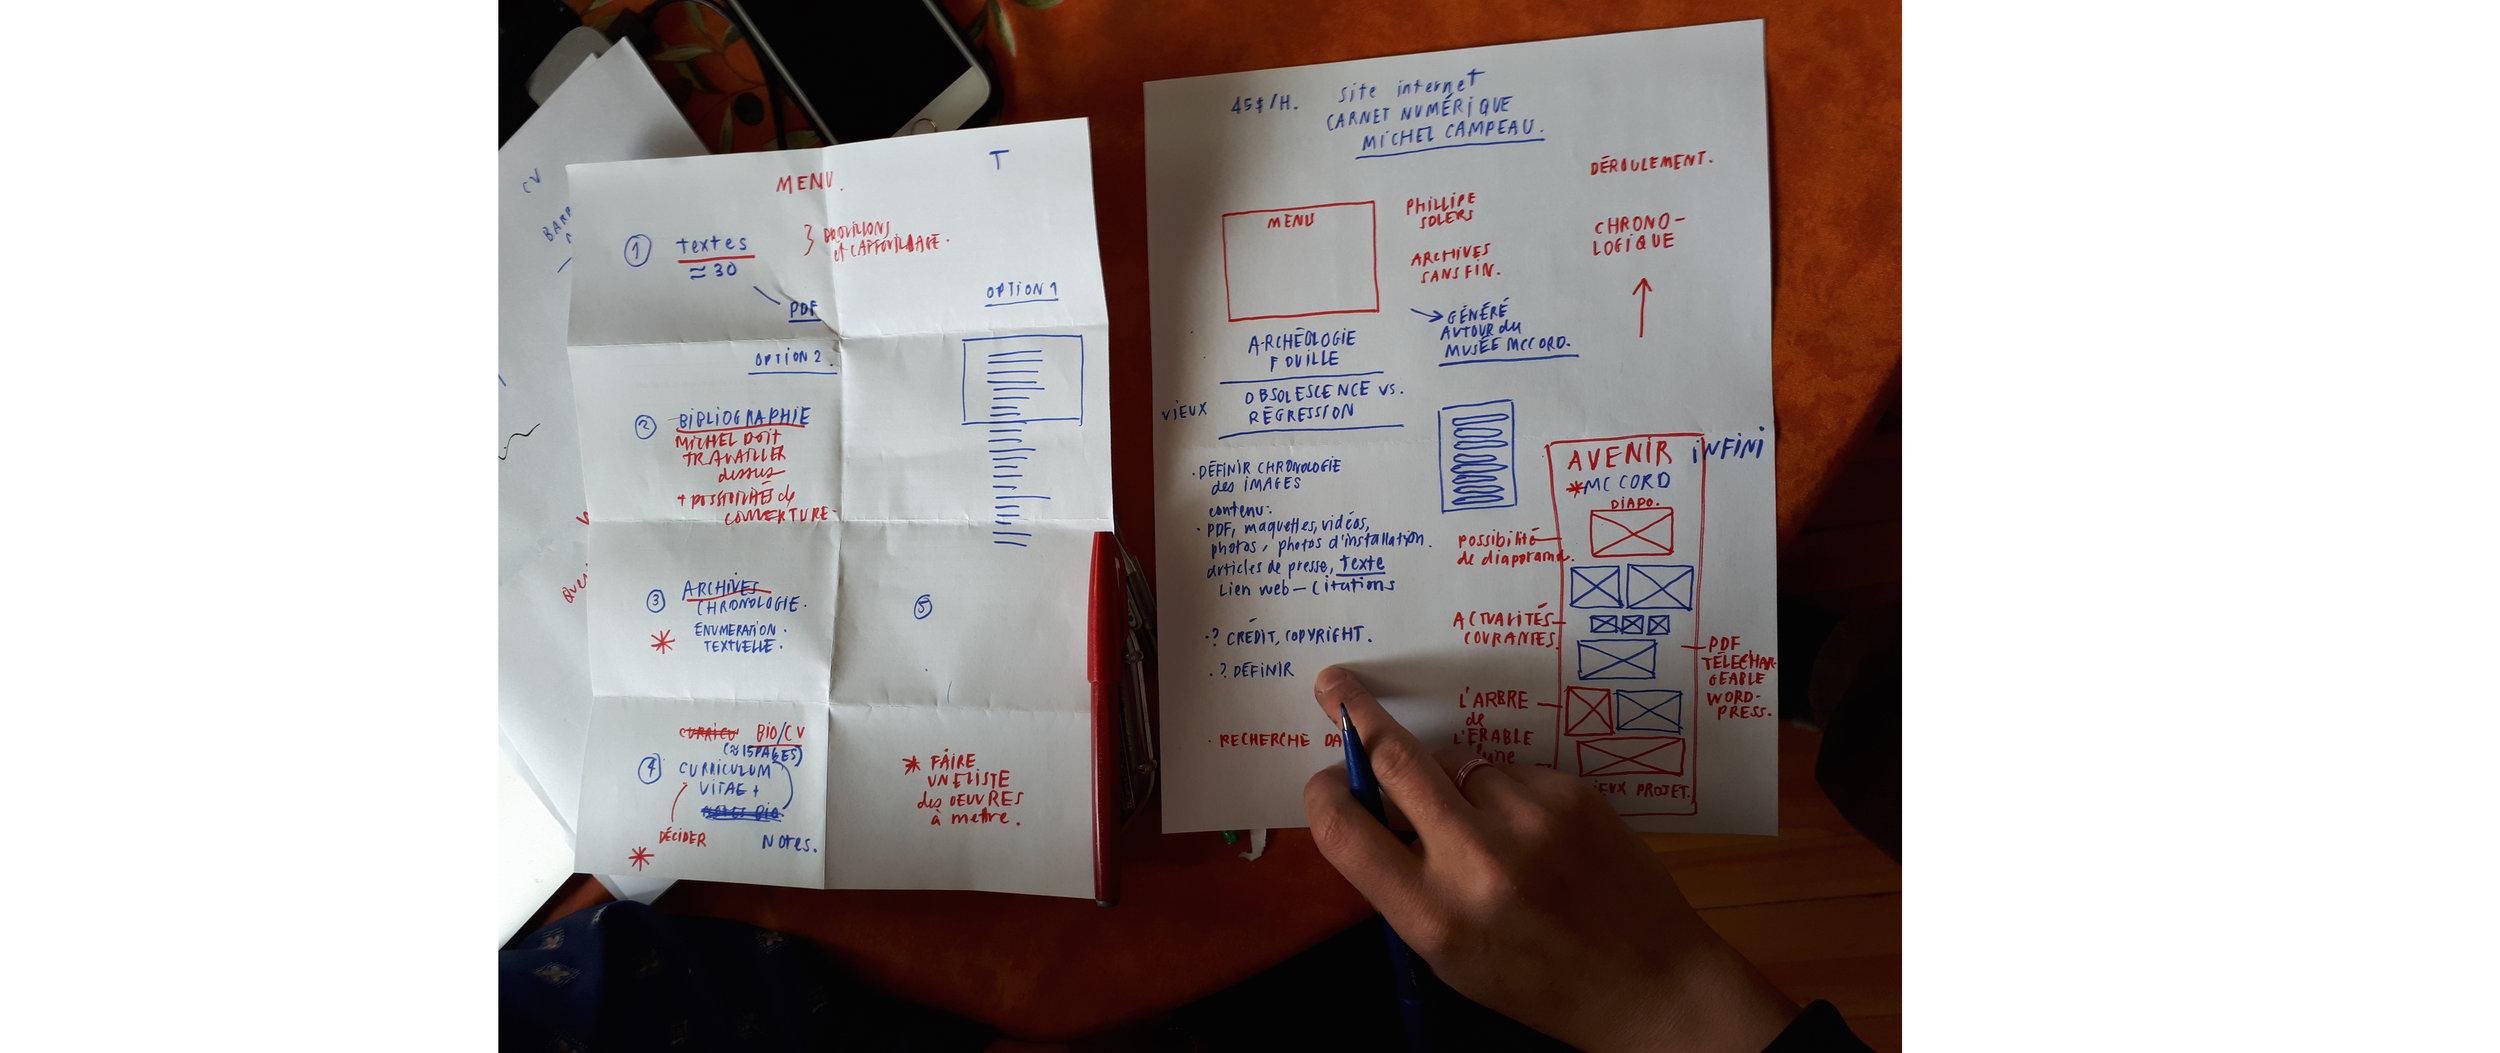 Photographie cellulaire de la maquette du carnet numérique conçu et dessiné par Mélissa Pilon ( melissapilon.com )